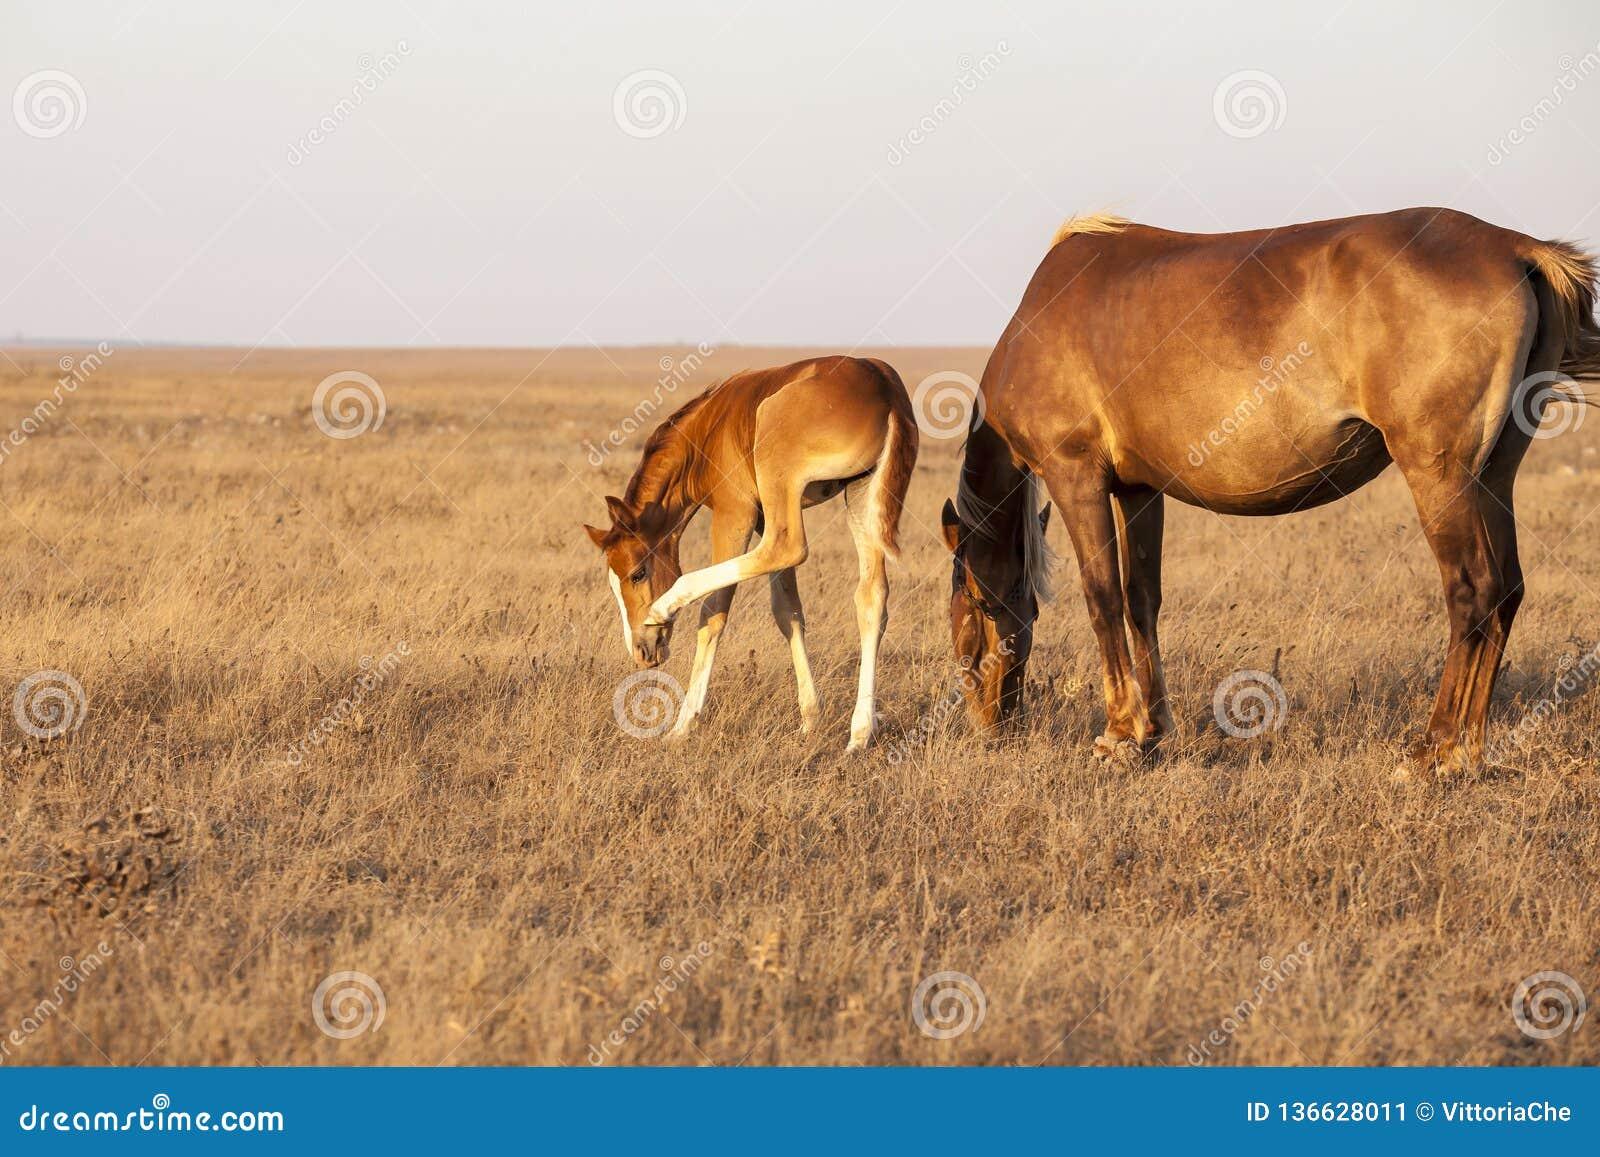 Stute mit nettem wenig Fohlen auf der Weide